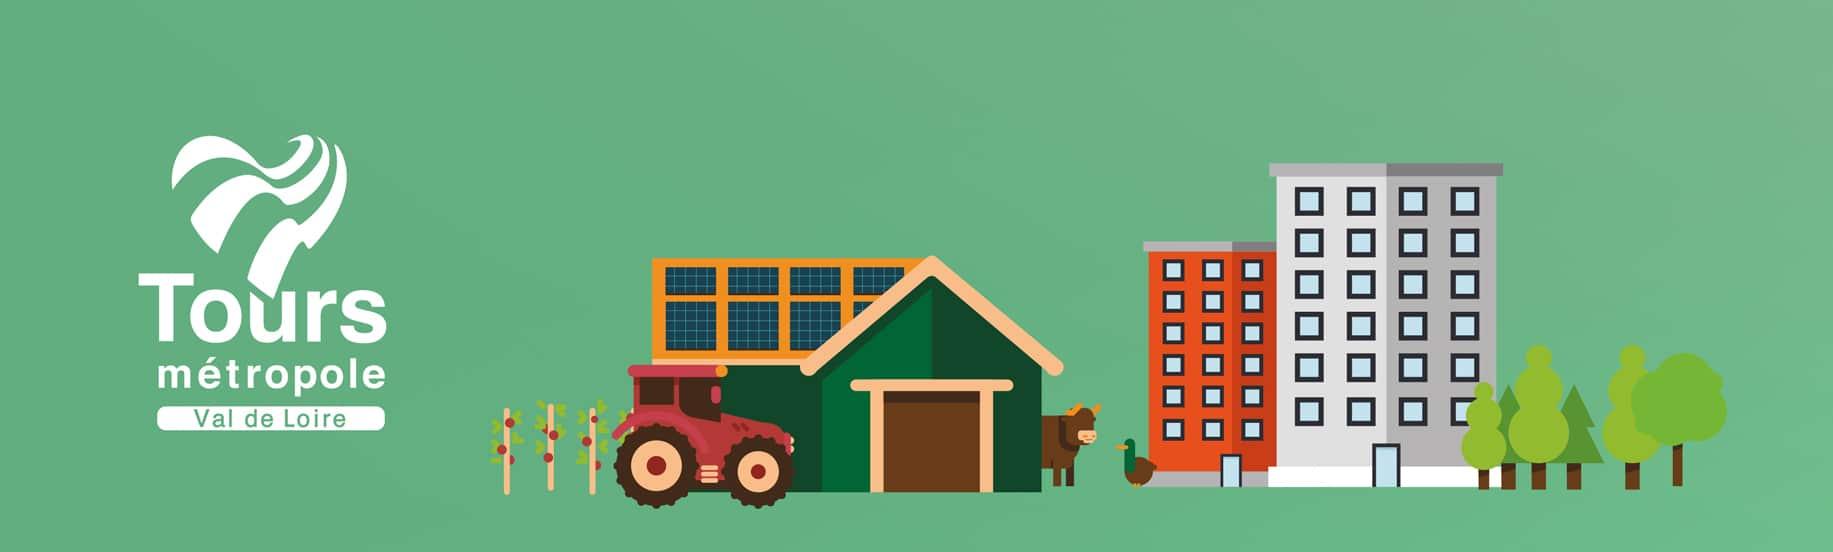 Illustration de vaches et immeubles pour motion design